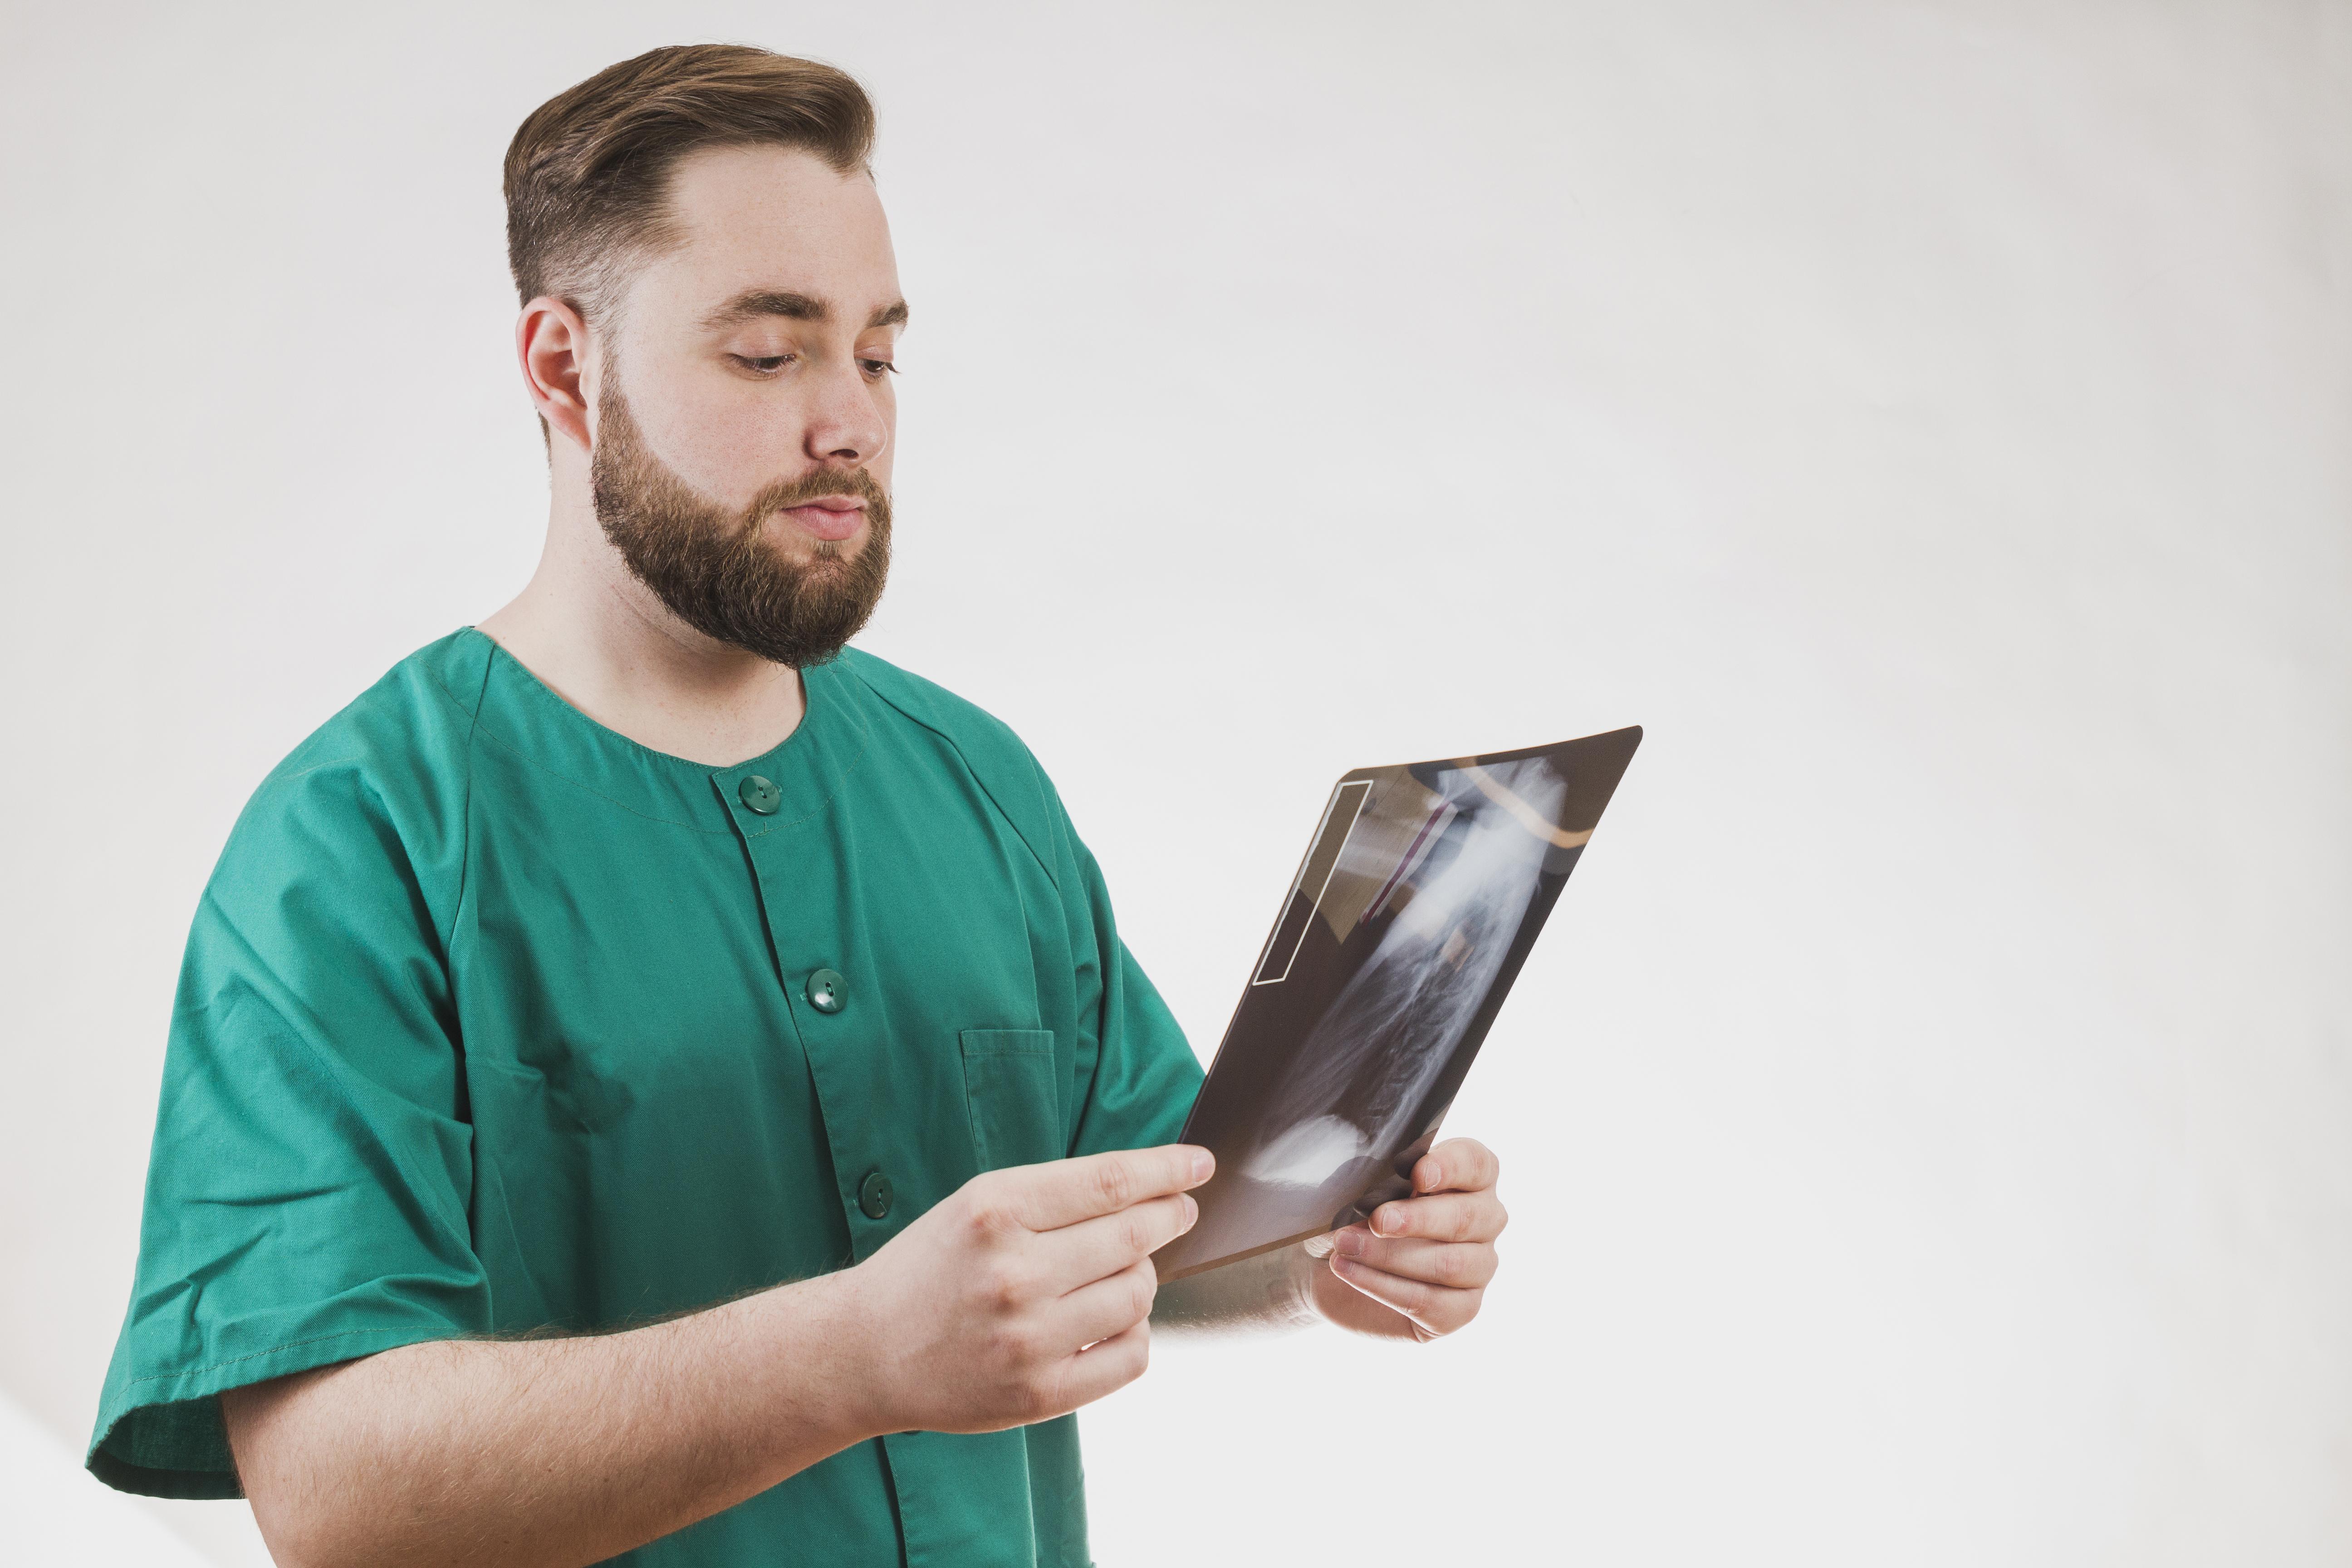 Subdomenii medicale in care poate profesa un asistent medical. Partea a 3-a